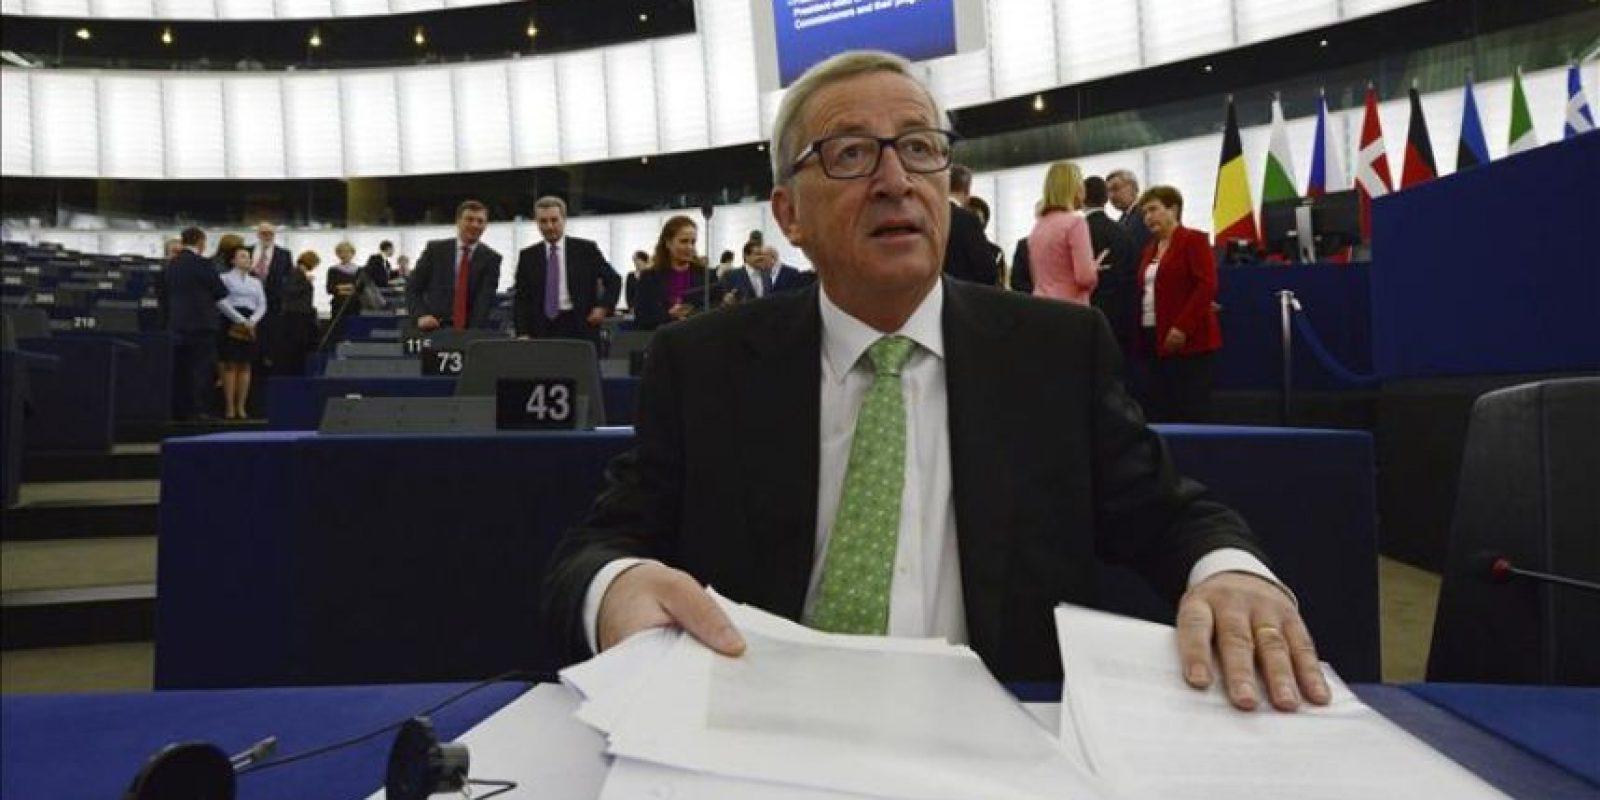 El presidente electo de la Comisión Europea (CE), Jean-Claude Juncker, prepara su discurso antes del inicio del pleno en el Parlamento Europeo en Estrasburgo (Francia). EFE